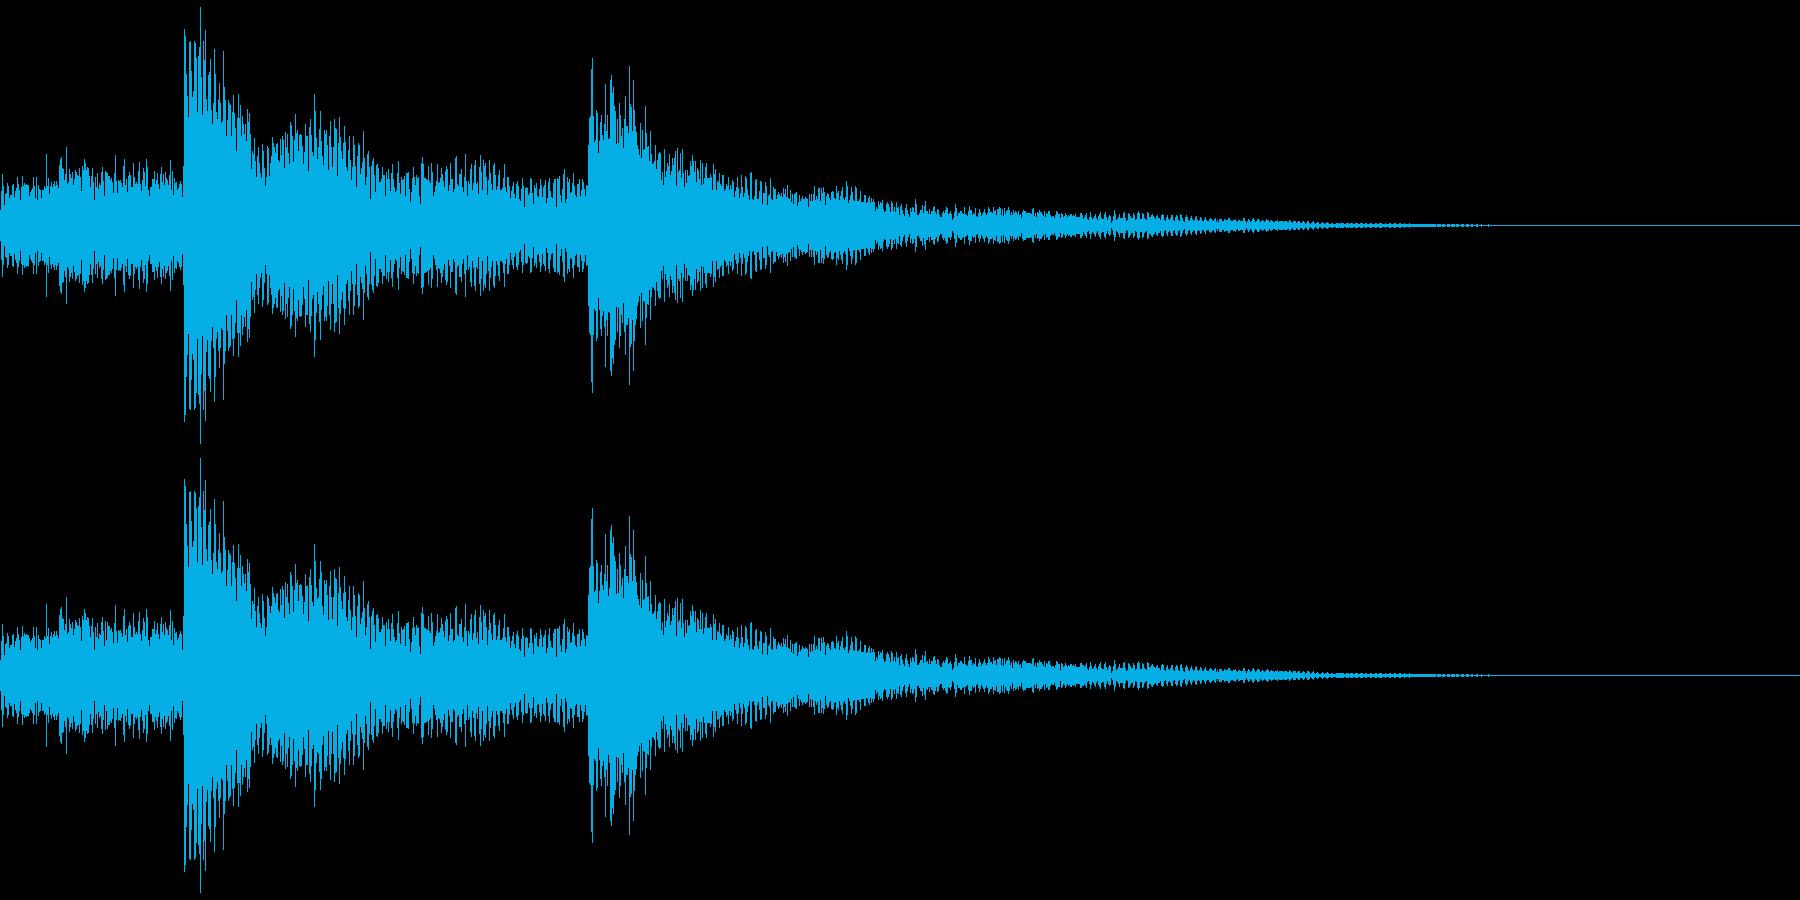 ウインドチャイム効果音(シャリーン)の再生済みの波形